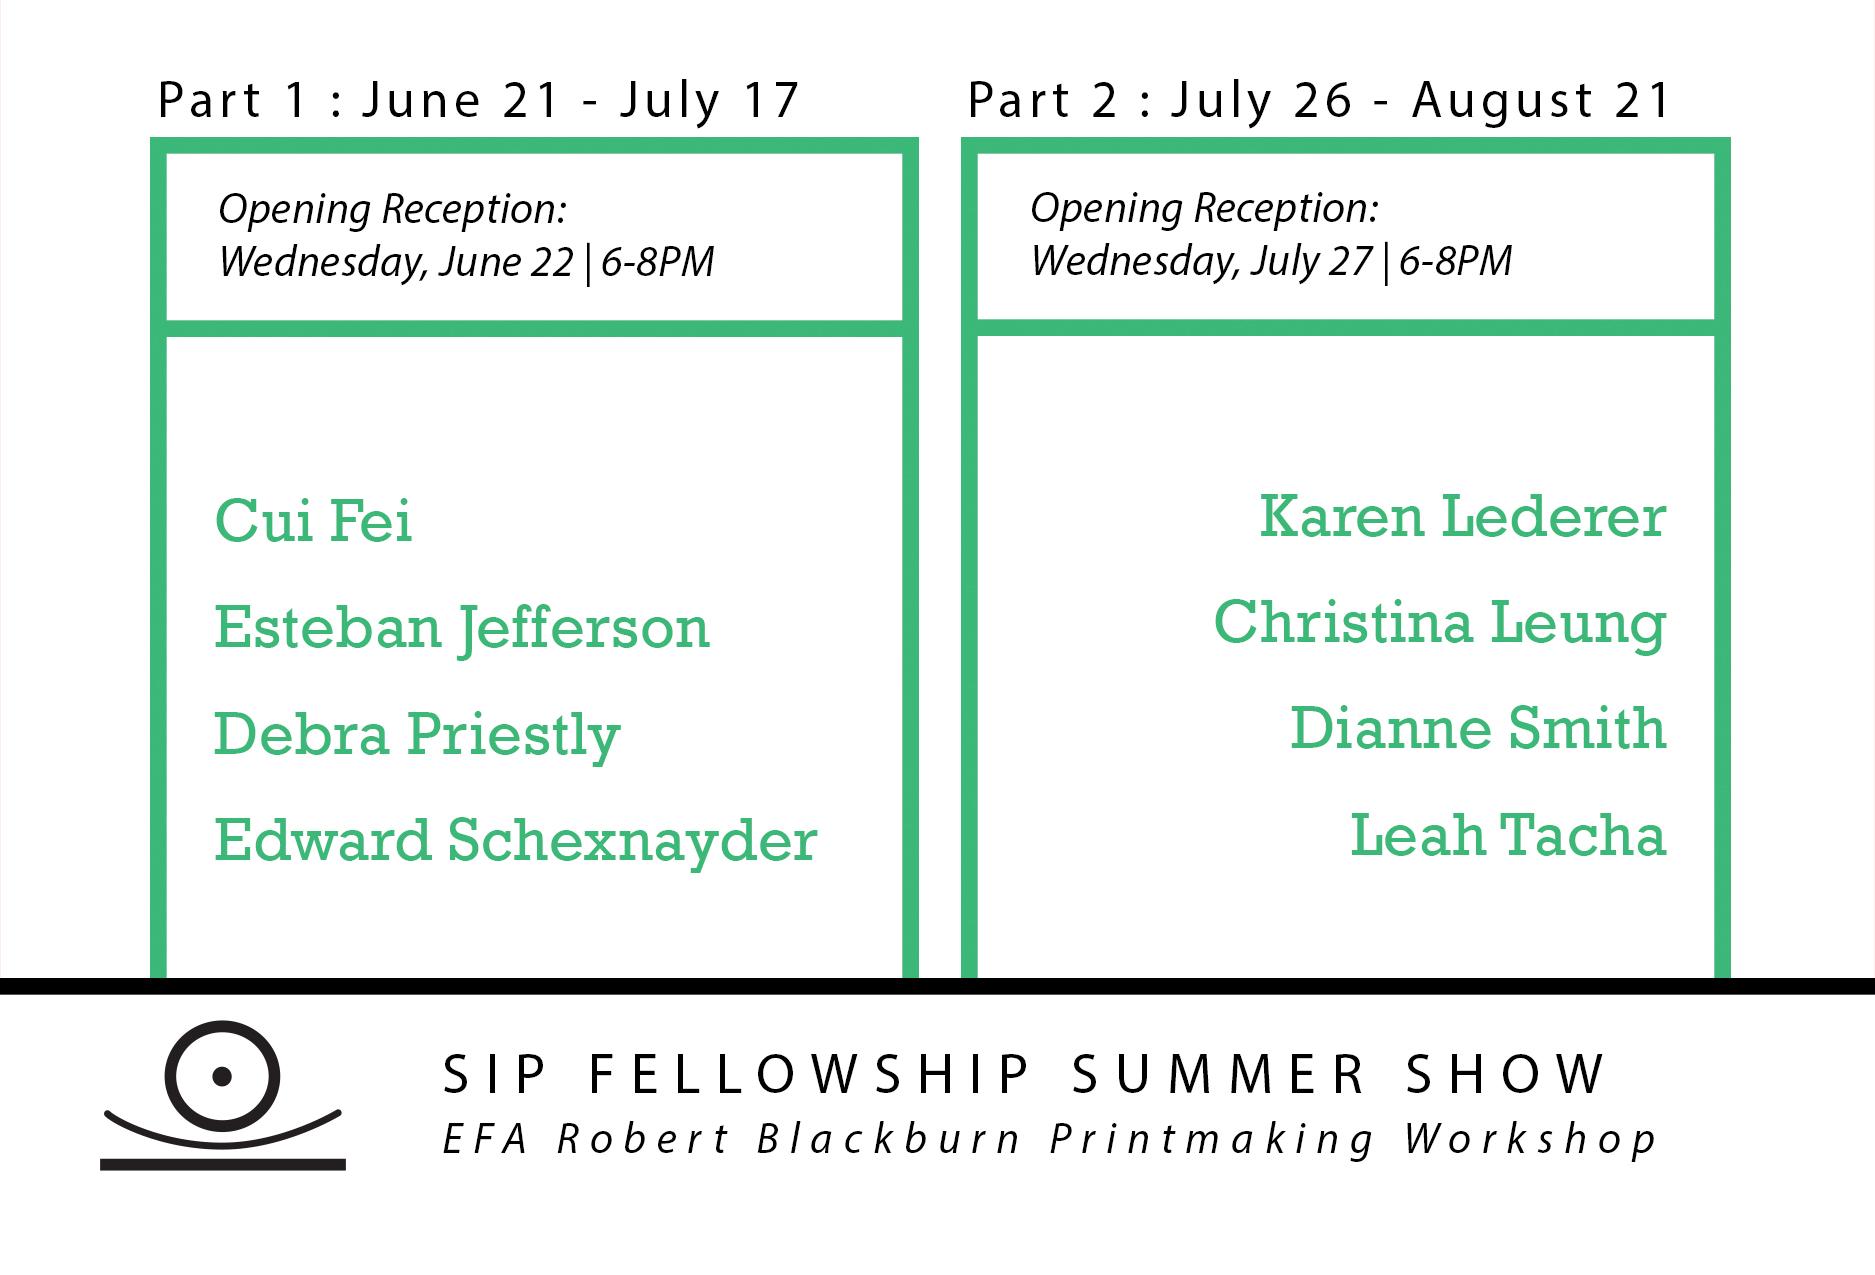 SIP Fellowship Summer Show Part 2  July 26 - August 21